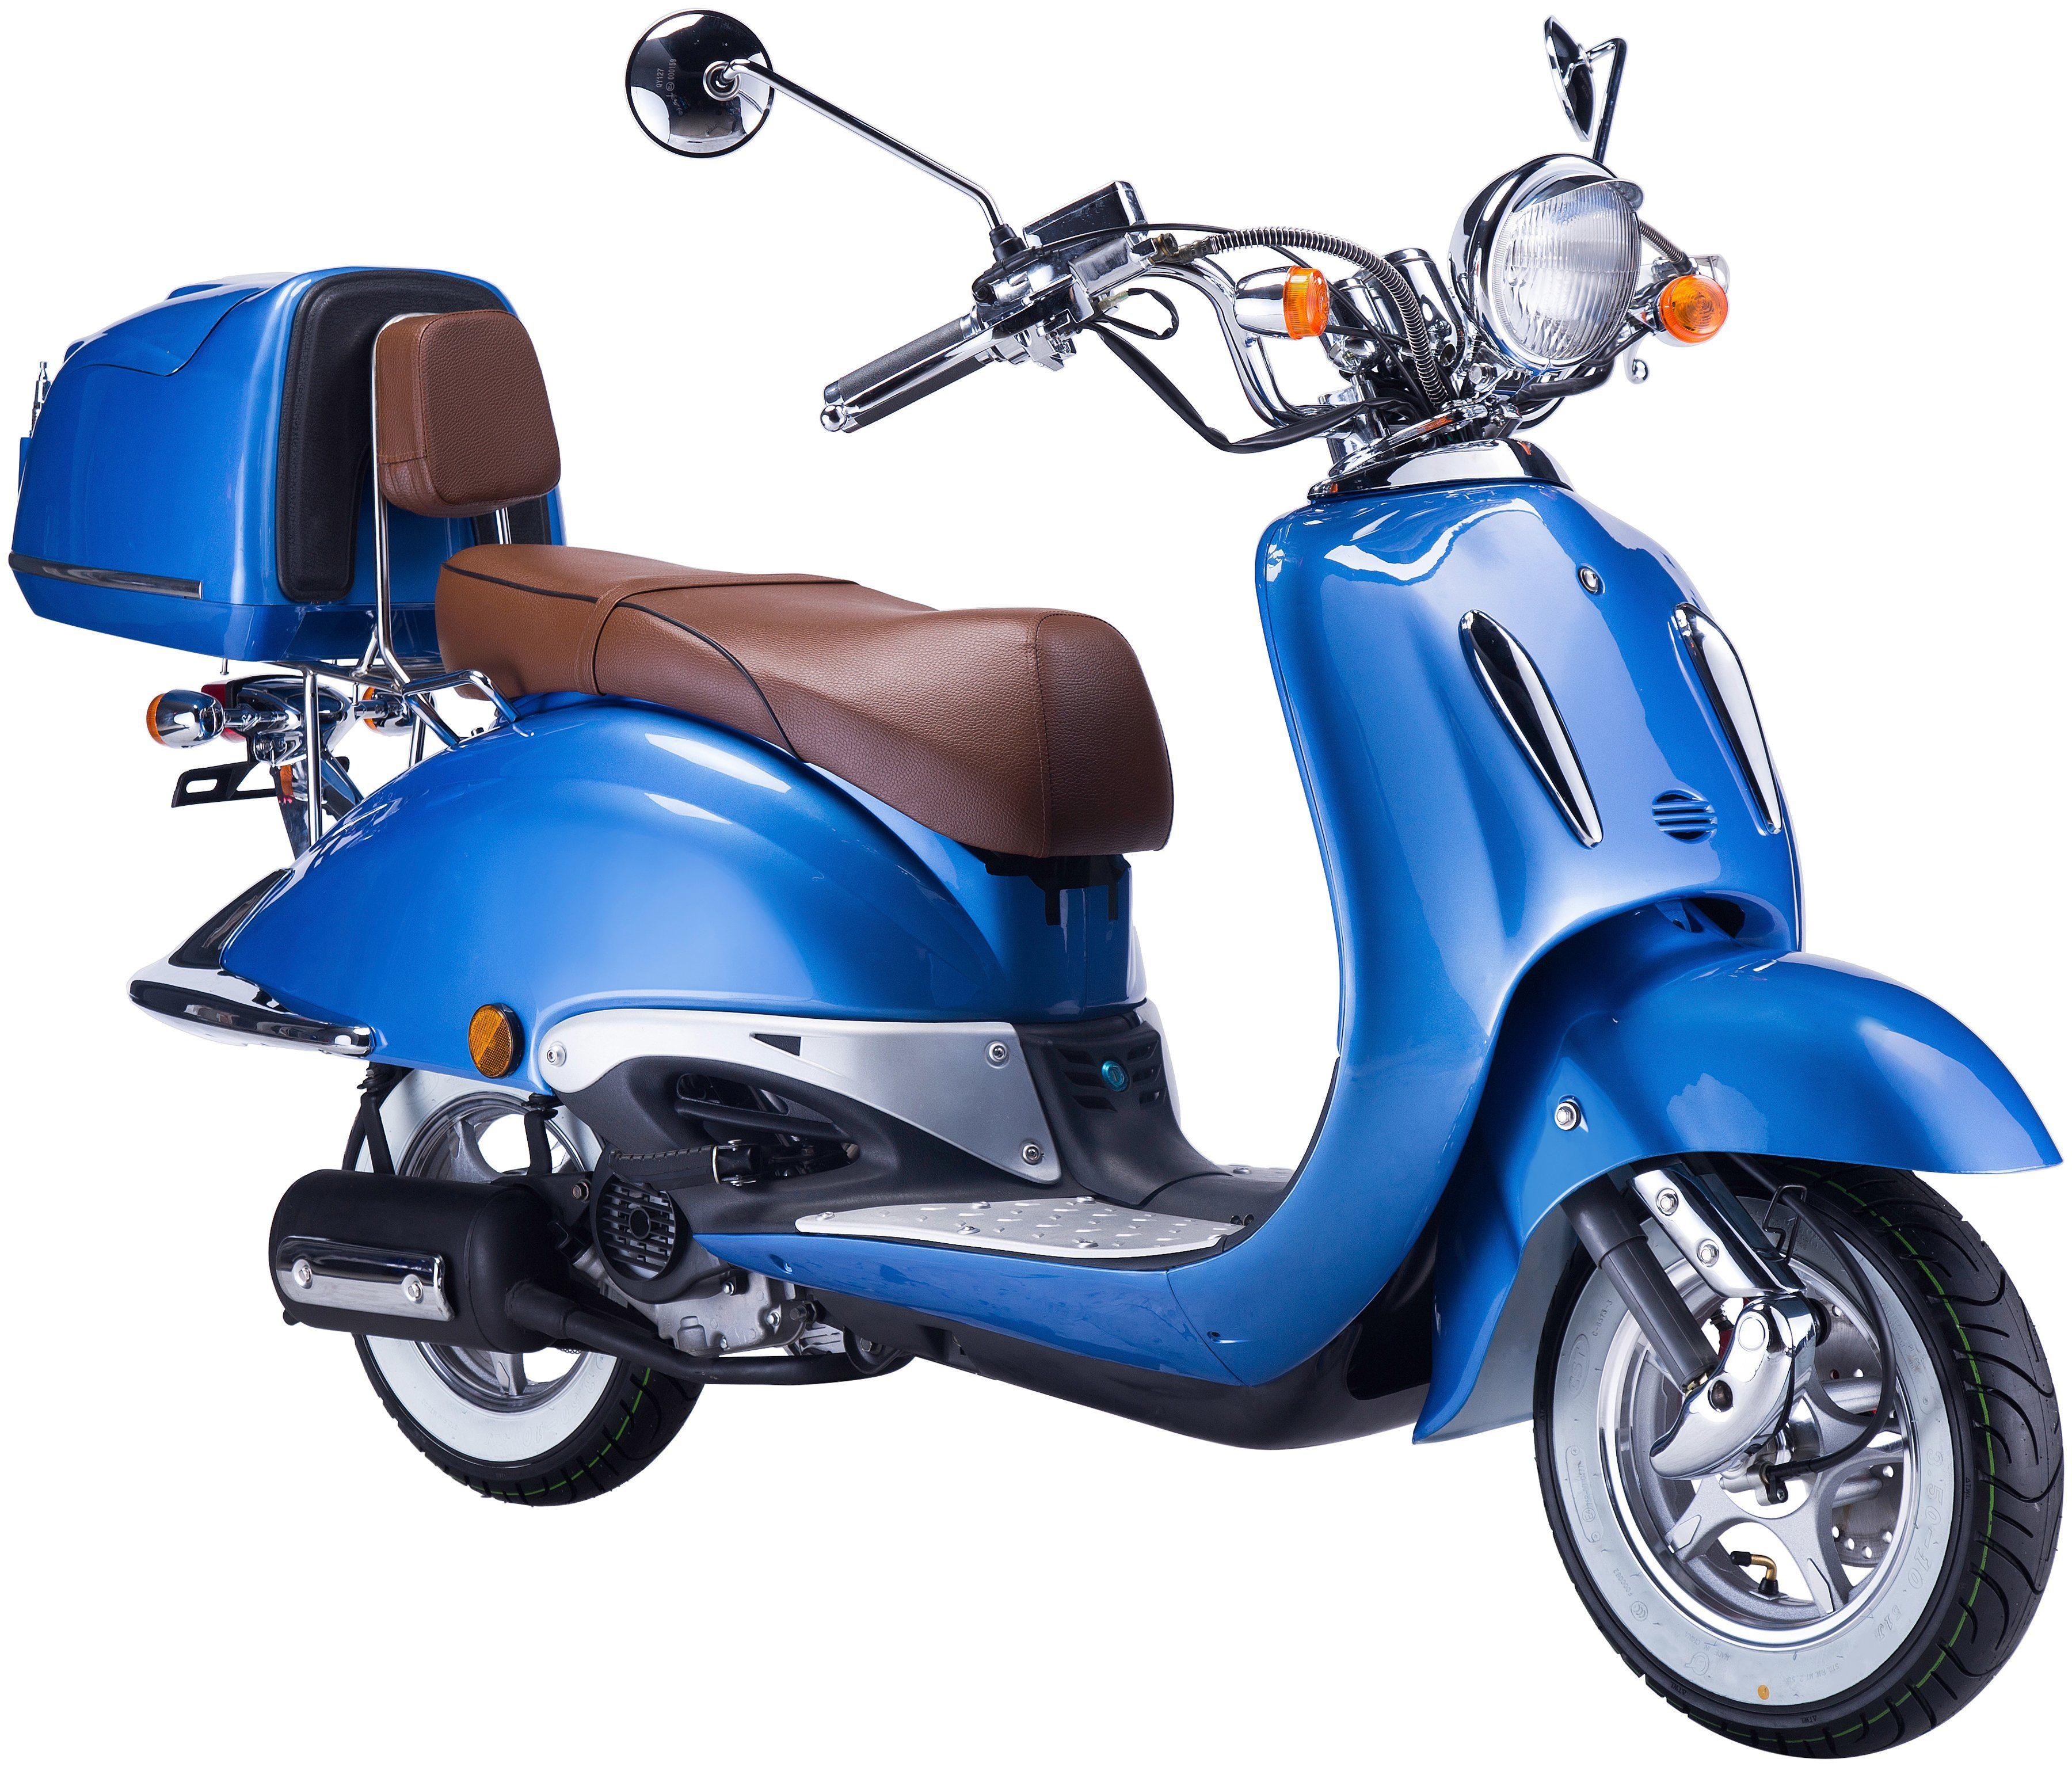 GT UNION Mofa »Strada«, 50 ccm, 25km/h, blau-braun